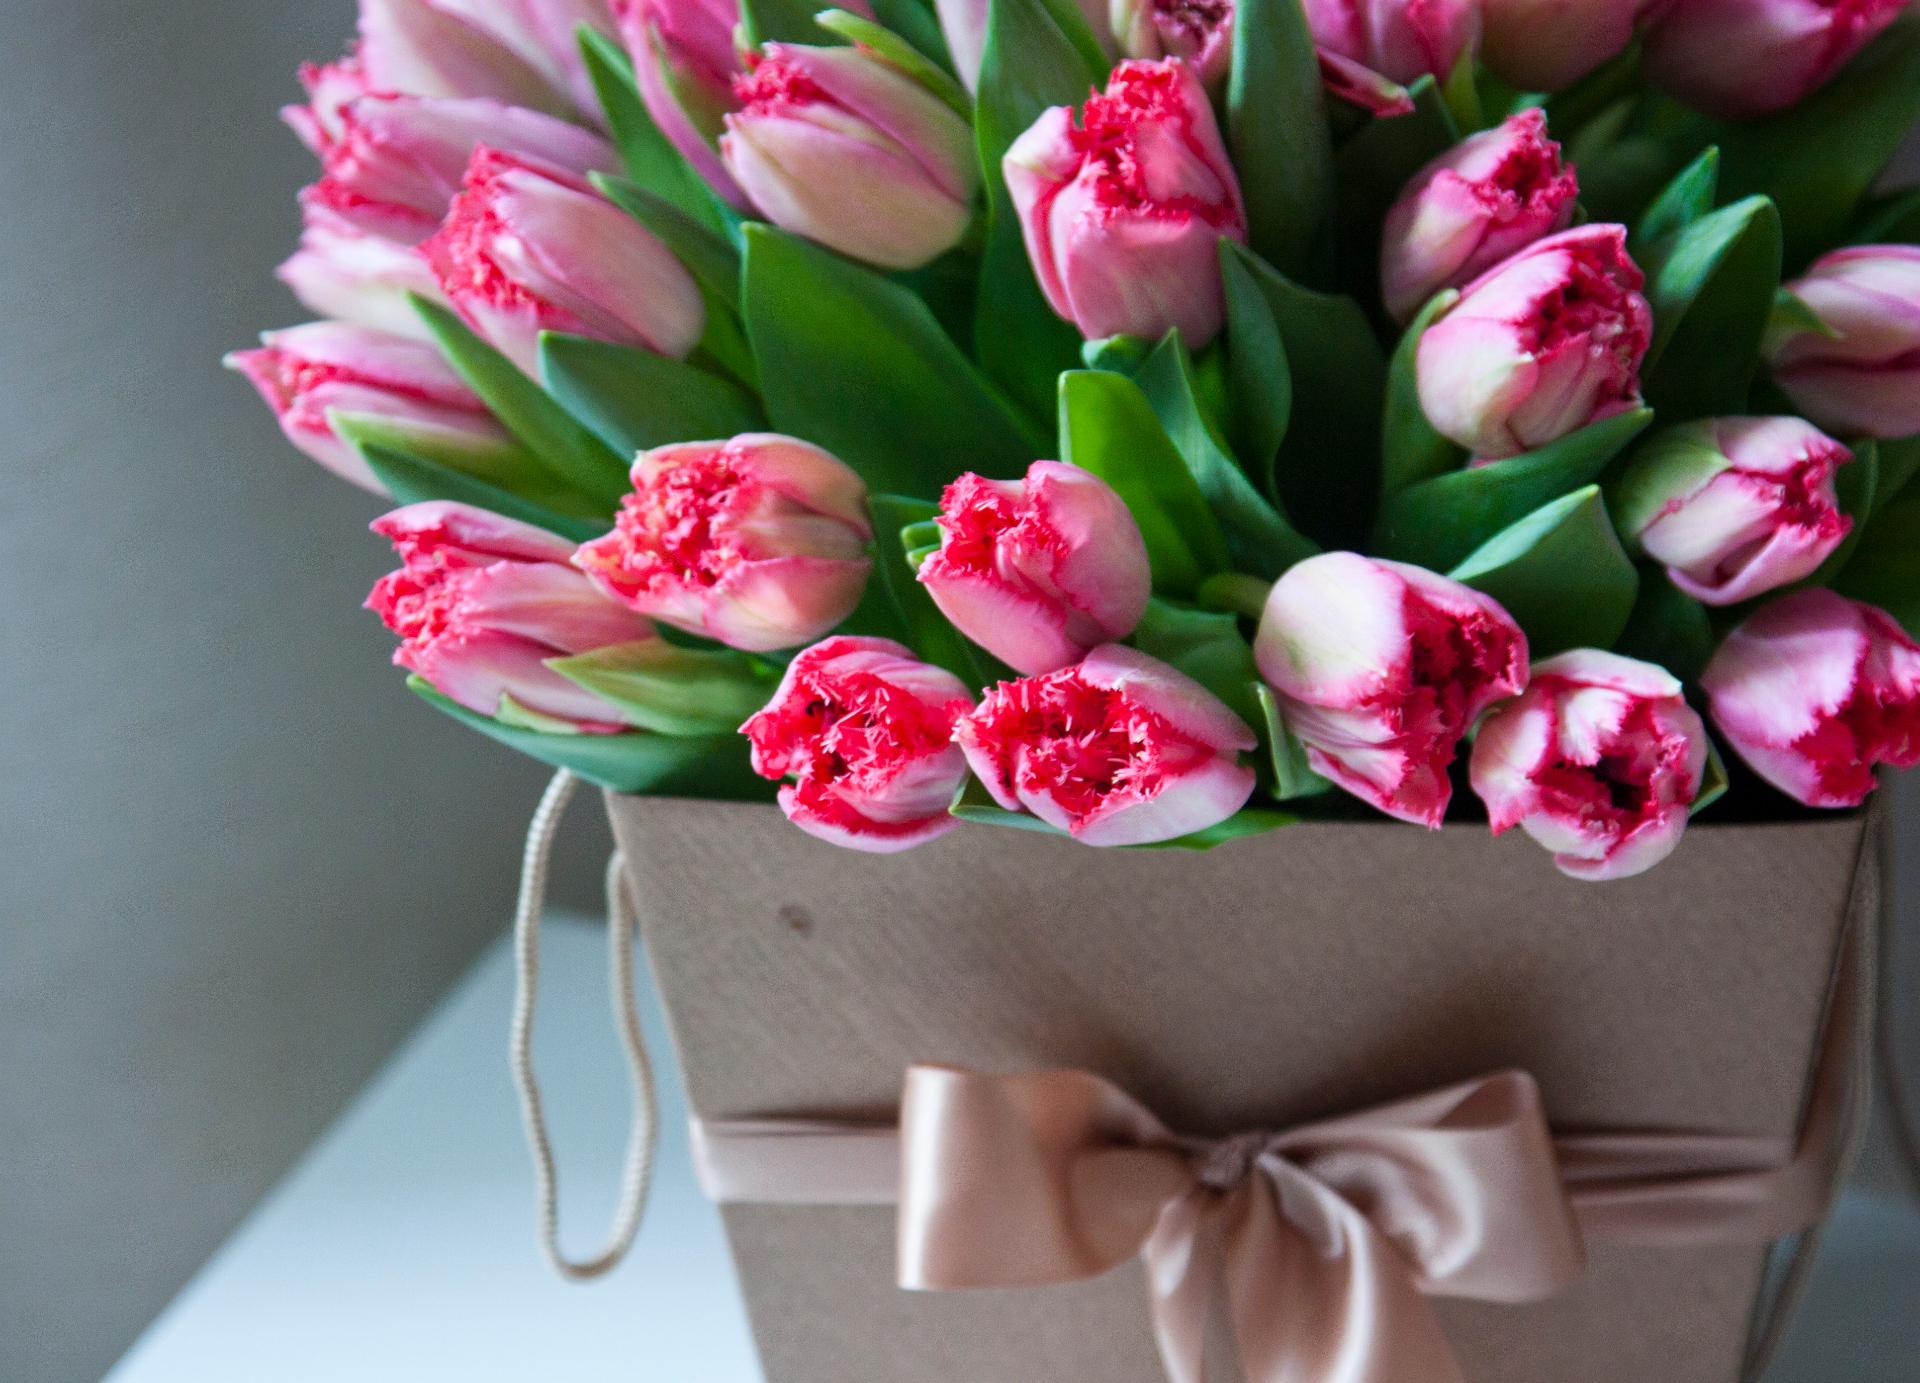 период открытки с тюльпанами с днем рождения стильные наушники гарнитуры